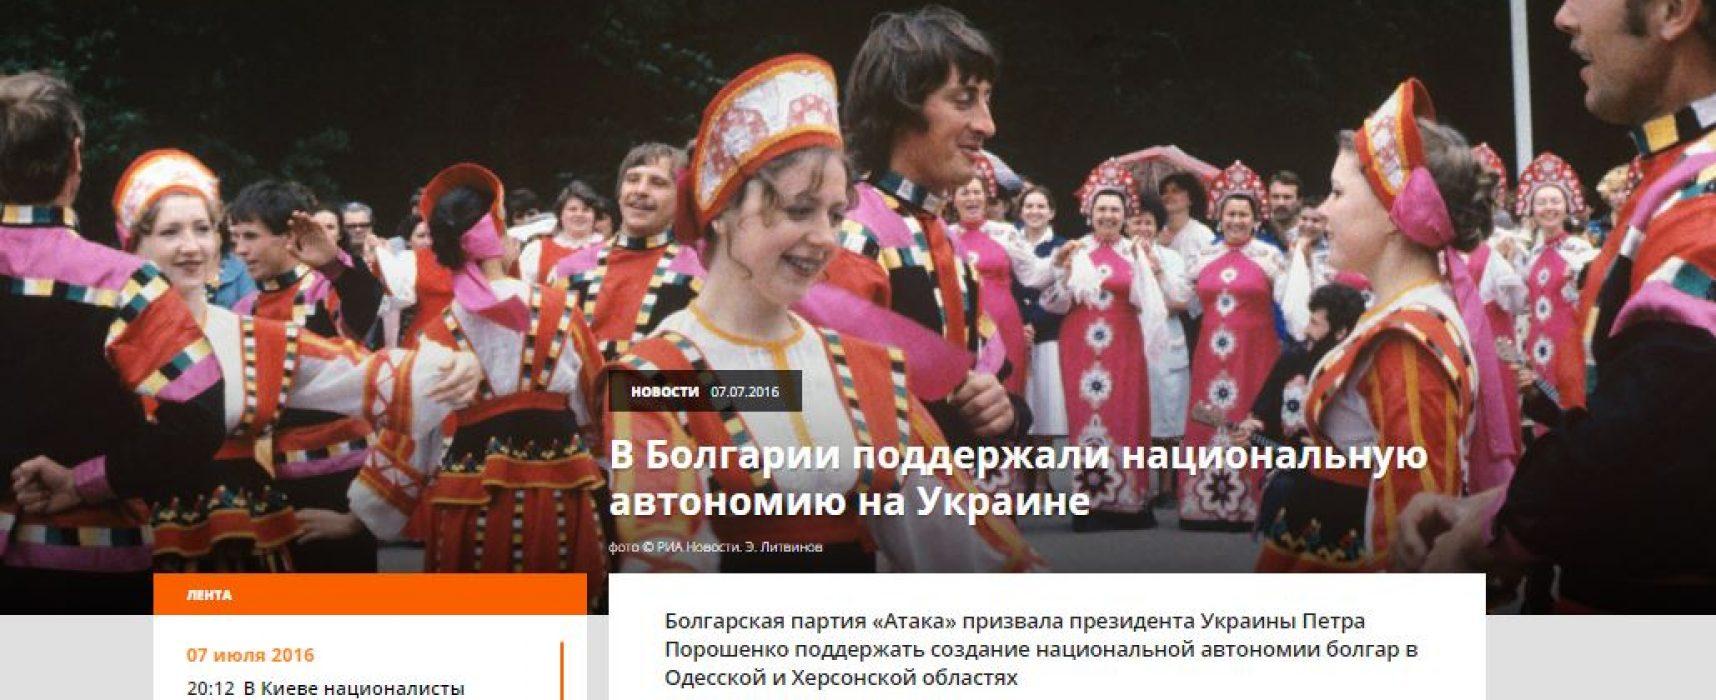 Fals: Bulgaria a susținut autonomia națională în Ucraina